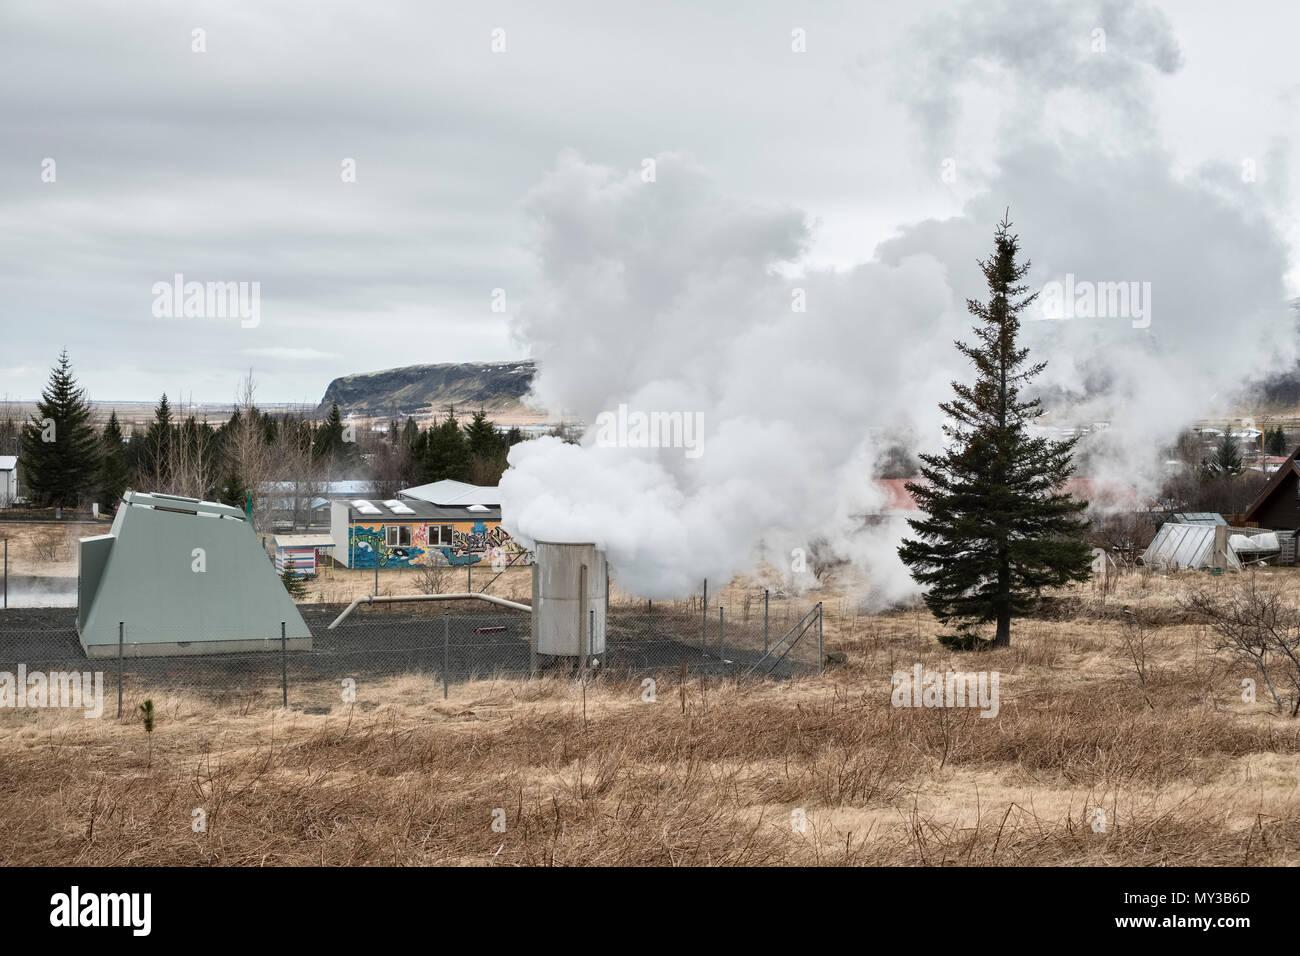 Centrale géothermique, Hveragerði, sud de l'Islande. C'est une zone géothermique hautement actif et a de nombreuses serres chauffées naturellement et hot springs Photo Stock